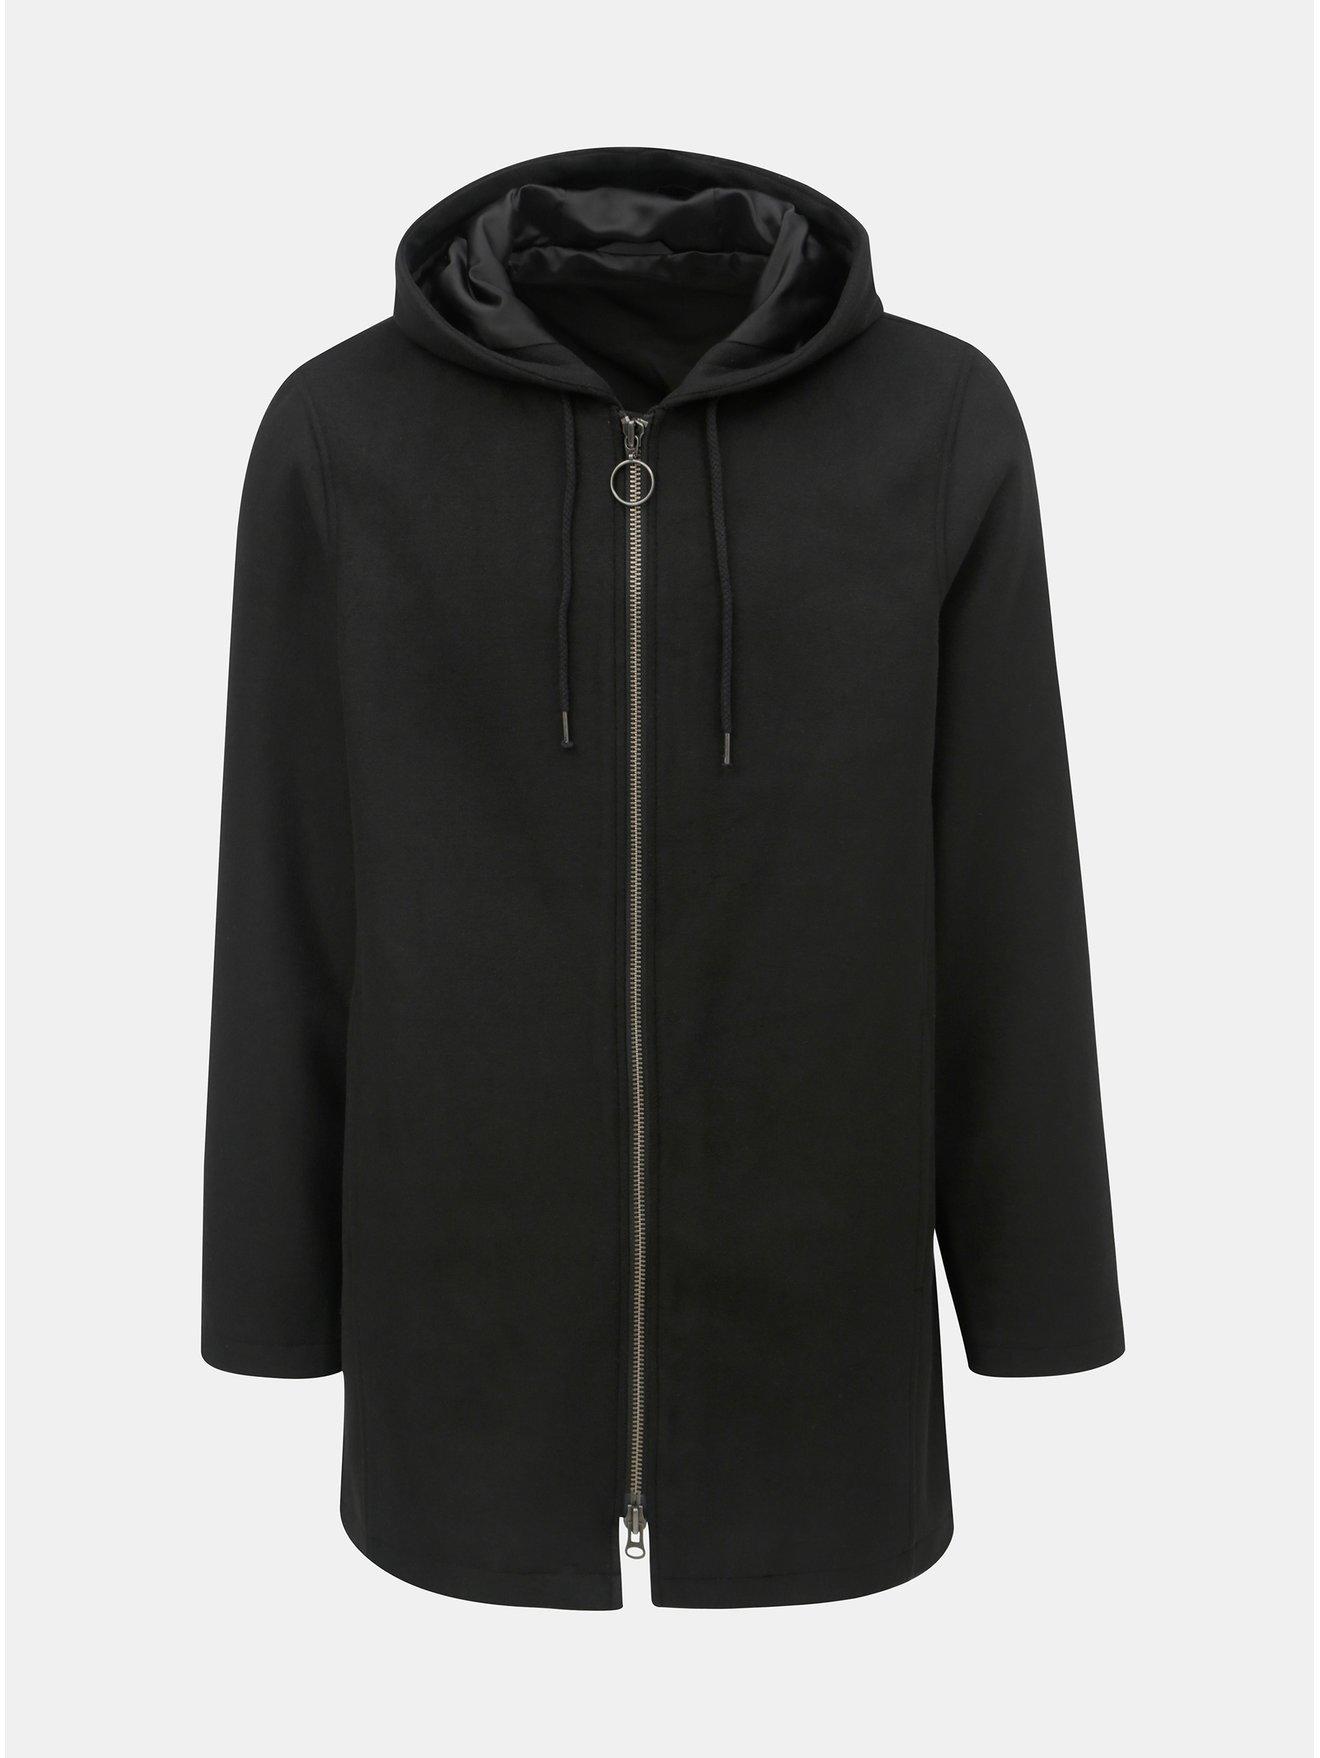 Černý kabát s kapucí a s příměsí vlny Shine Original